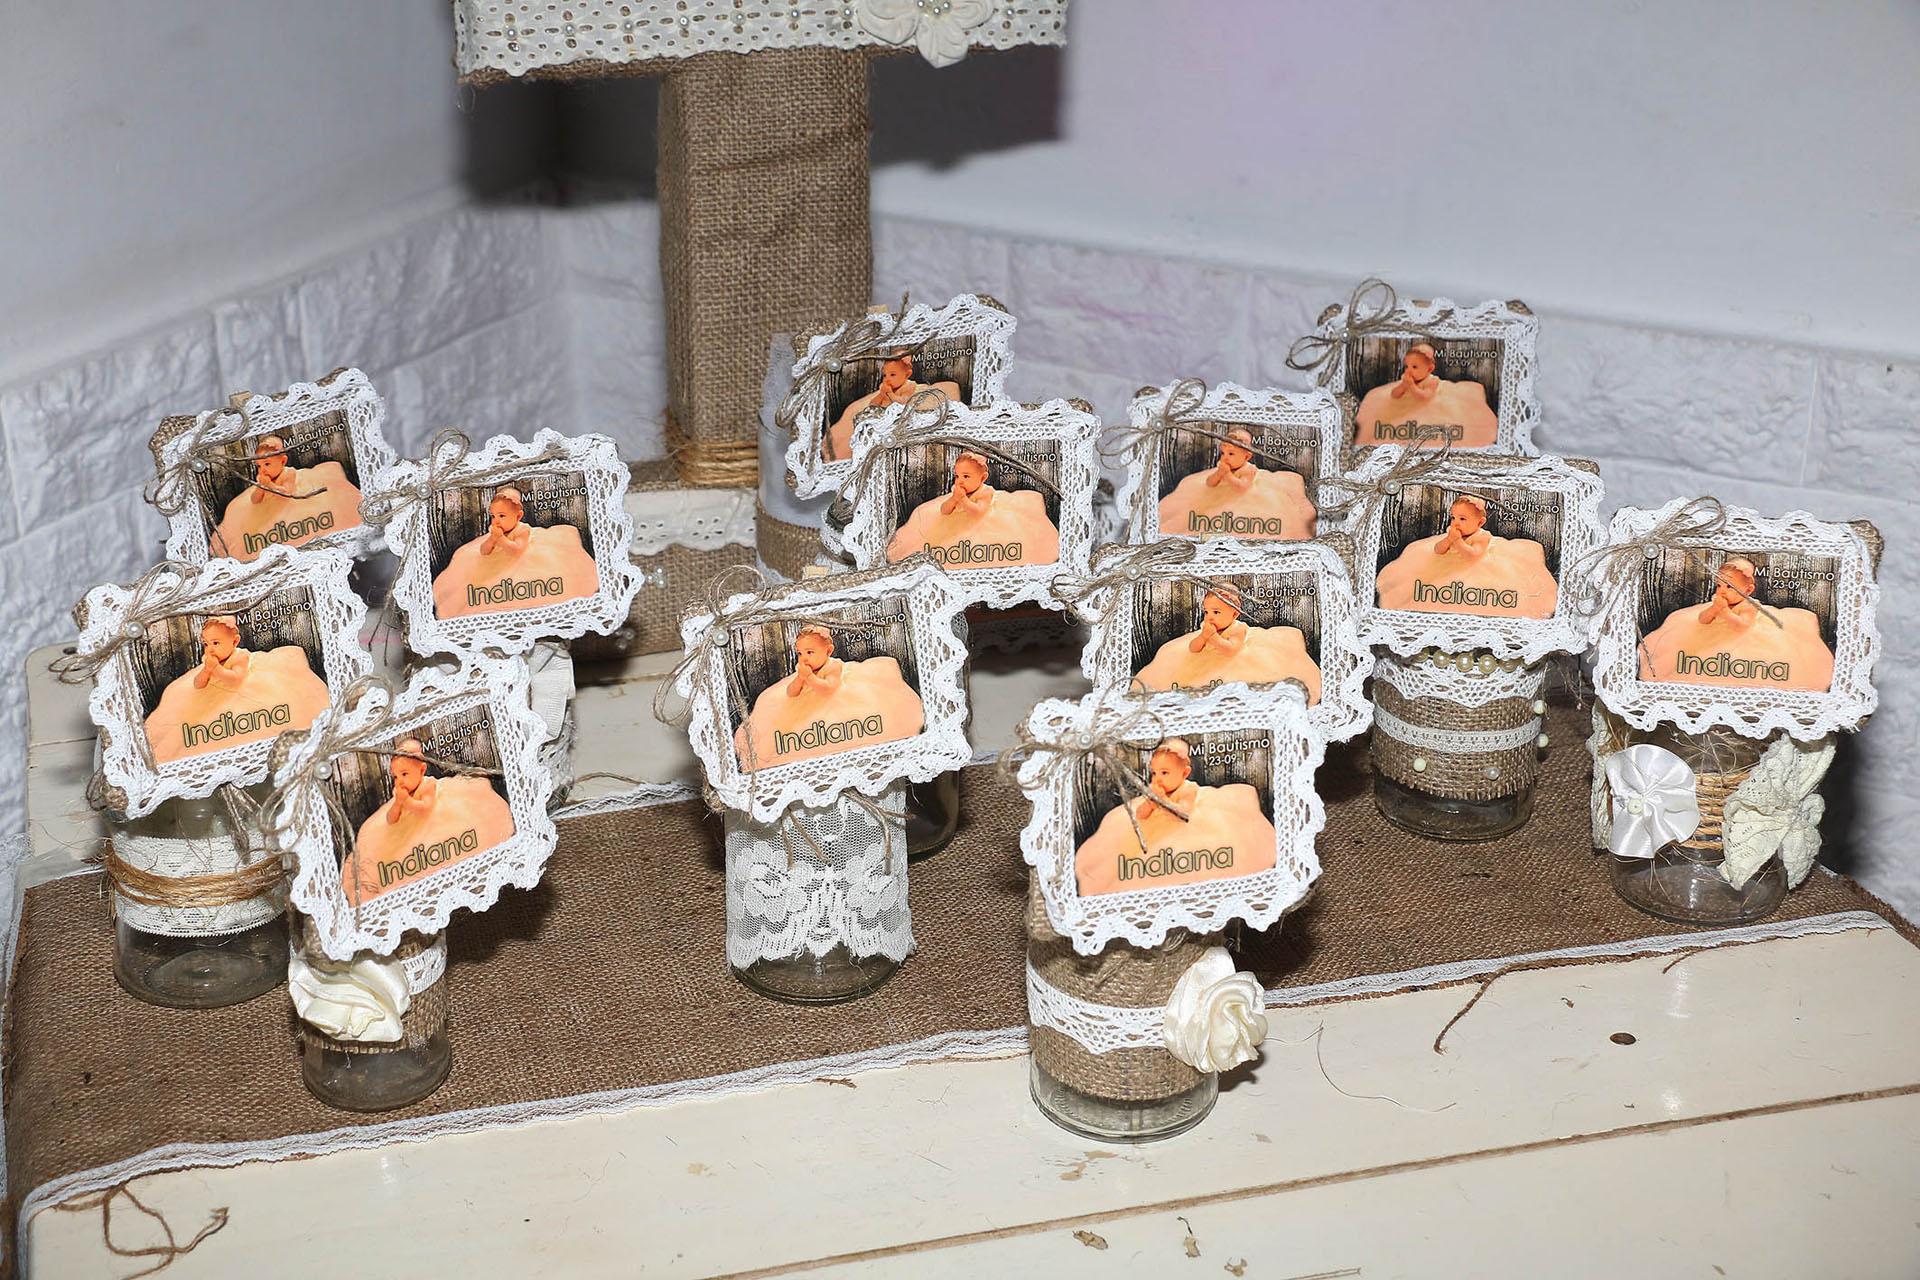 Los souvenirs del bautismo (Crédito: Verónica Guerman / Teleshow)